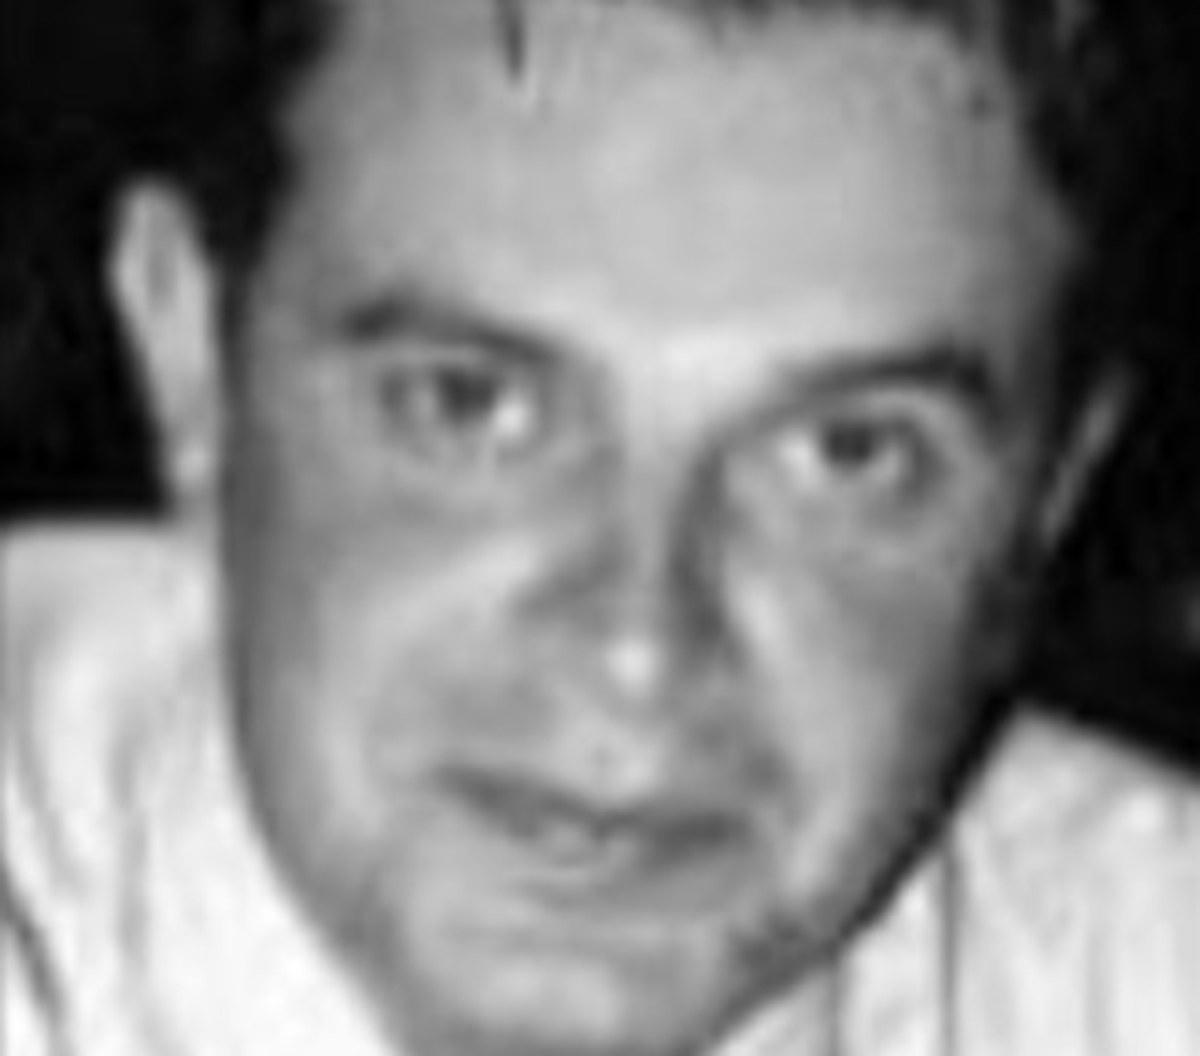 Λάρισα: Συγκλονίζει ο θάνατος του Νίκου Χάμου – Το αναπάντεχο τέλος της ζωής του [pic] | Newsit.gr